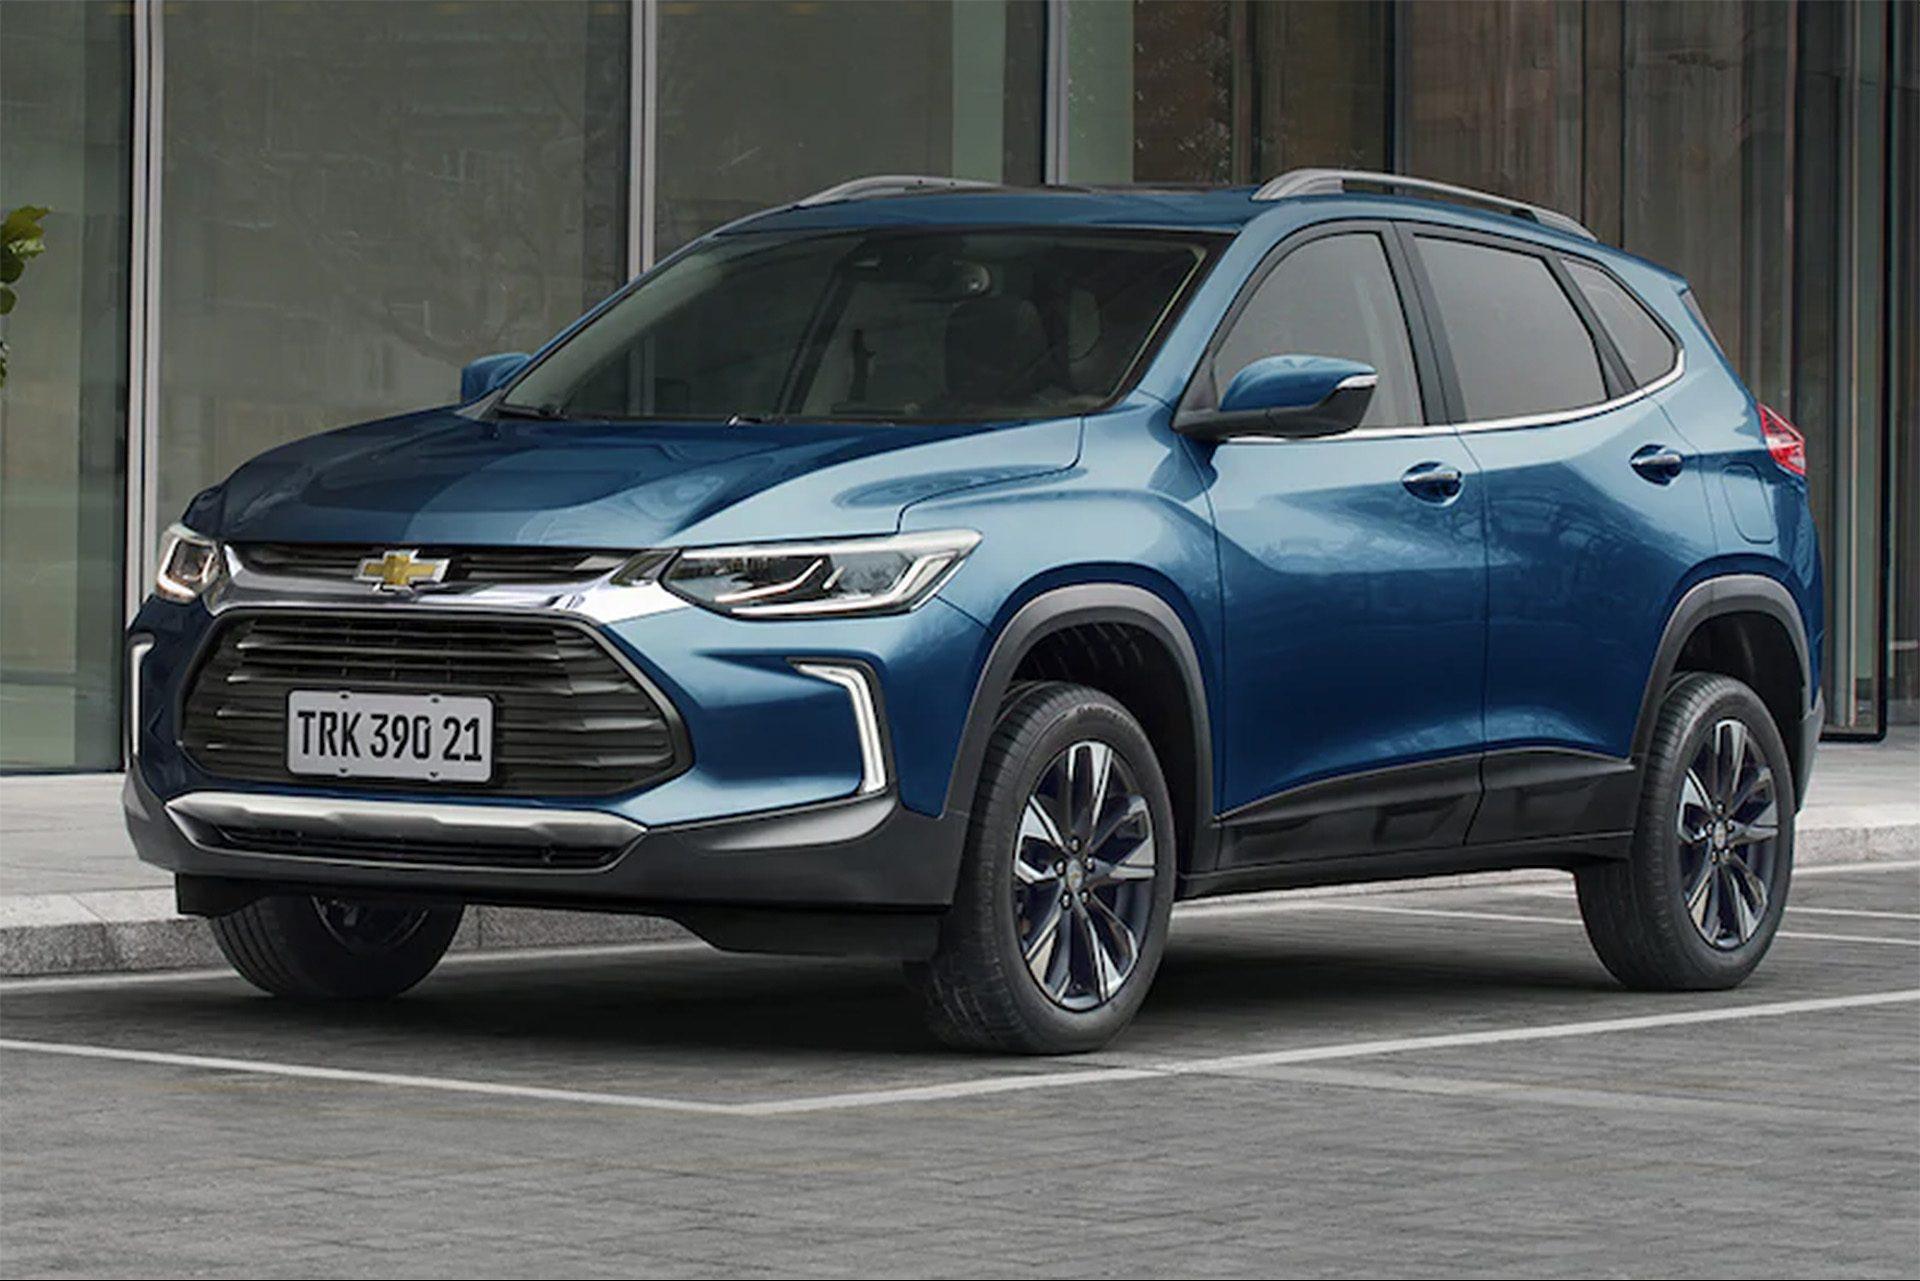 Novo Chevrolet Tracker Pcd Tem Bom Recheio Mas So Um Ano De